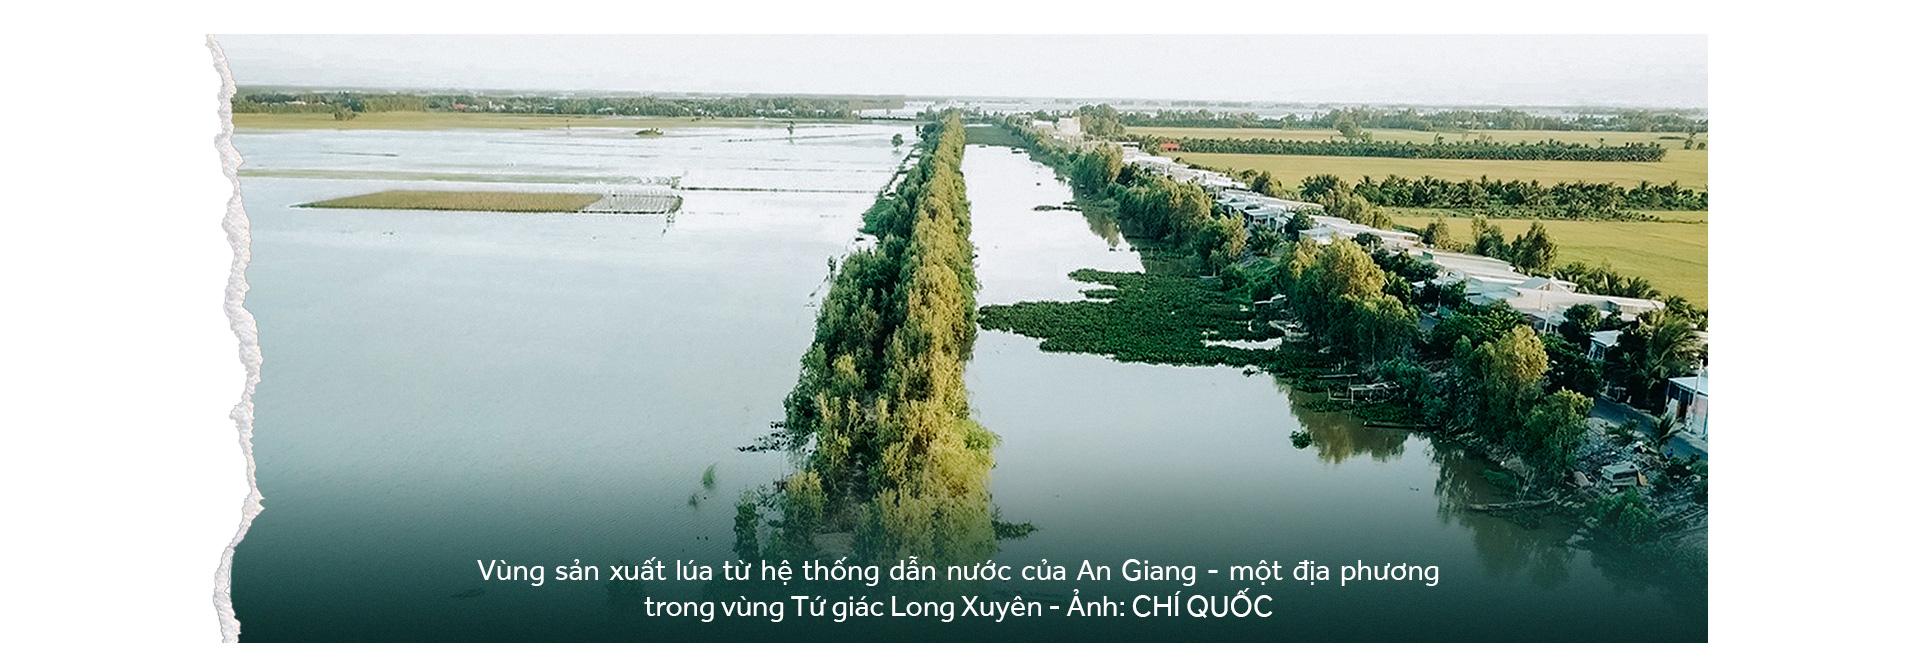 Đồng bằng sông Cửu Long: 35 năm thay da đổi thịt - Ảnh 42.